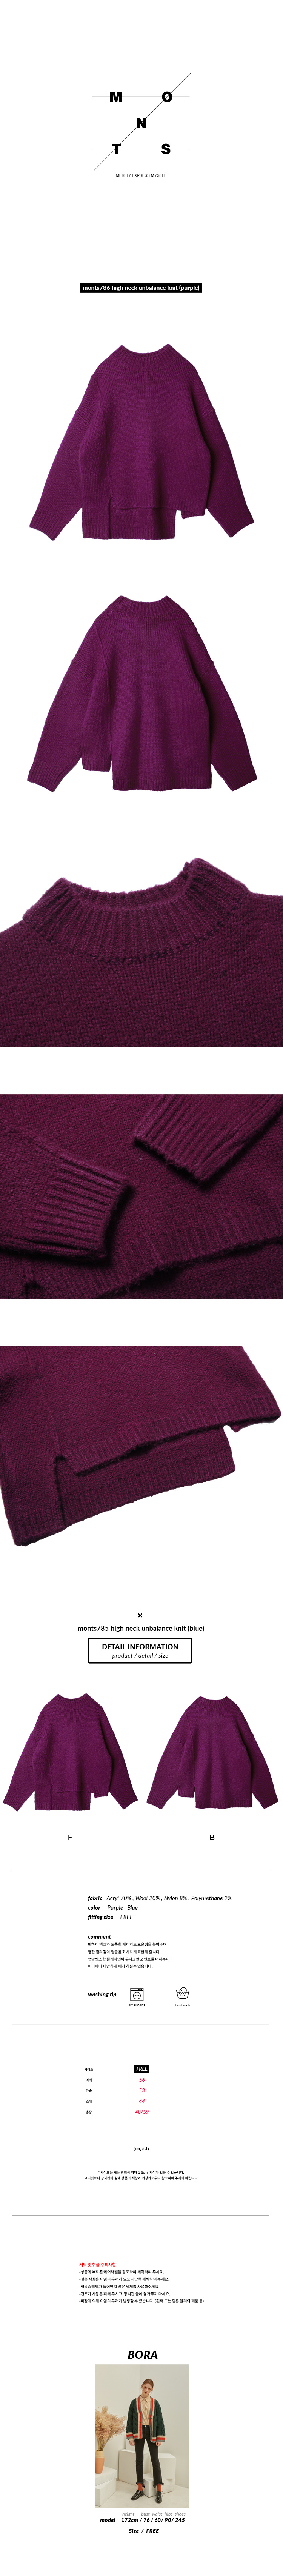 몬츠(MONTS) 786 high neck unbalance knit (purple)